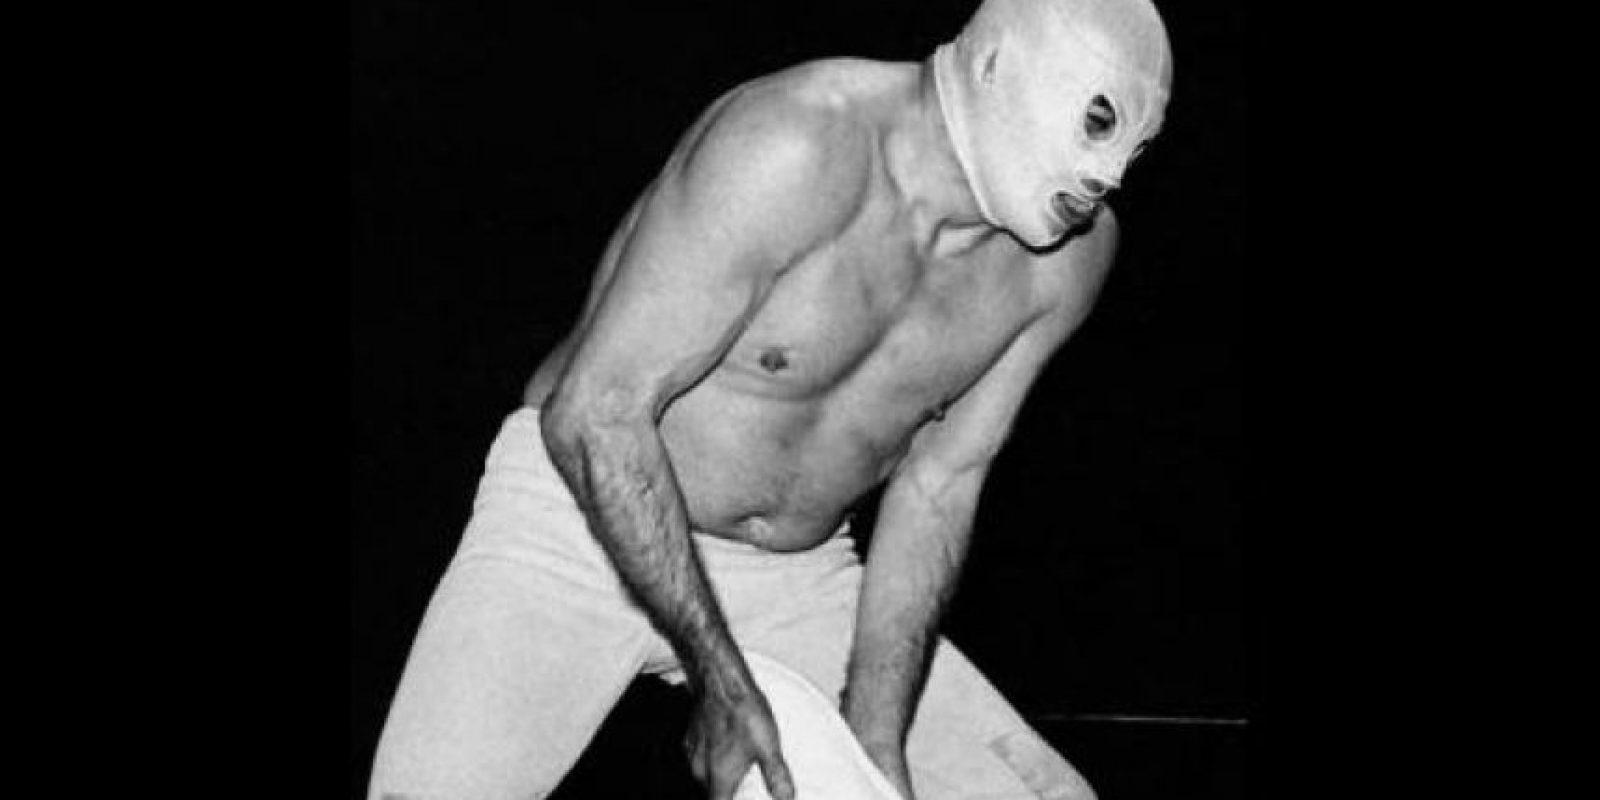 El Santo. Muchos lo consideran el mejor luchador mexicano de la historia Foto:WWE